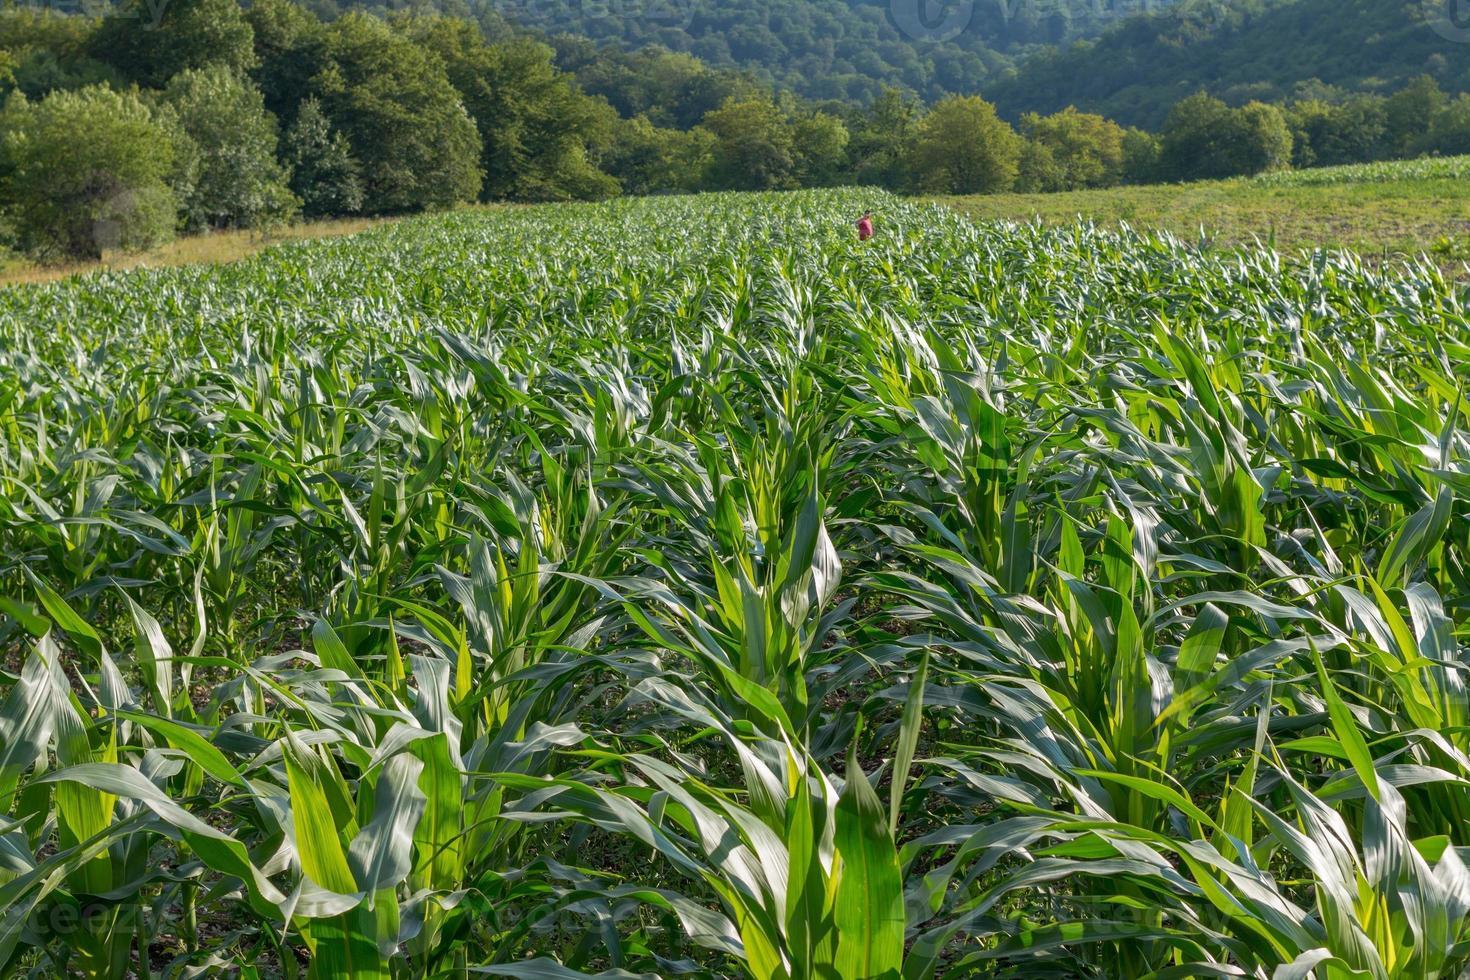 paesaggio - campo di grano vicino alla foresta foto